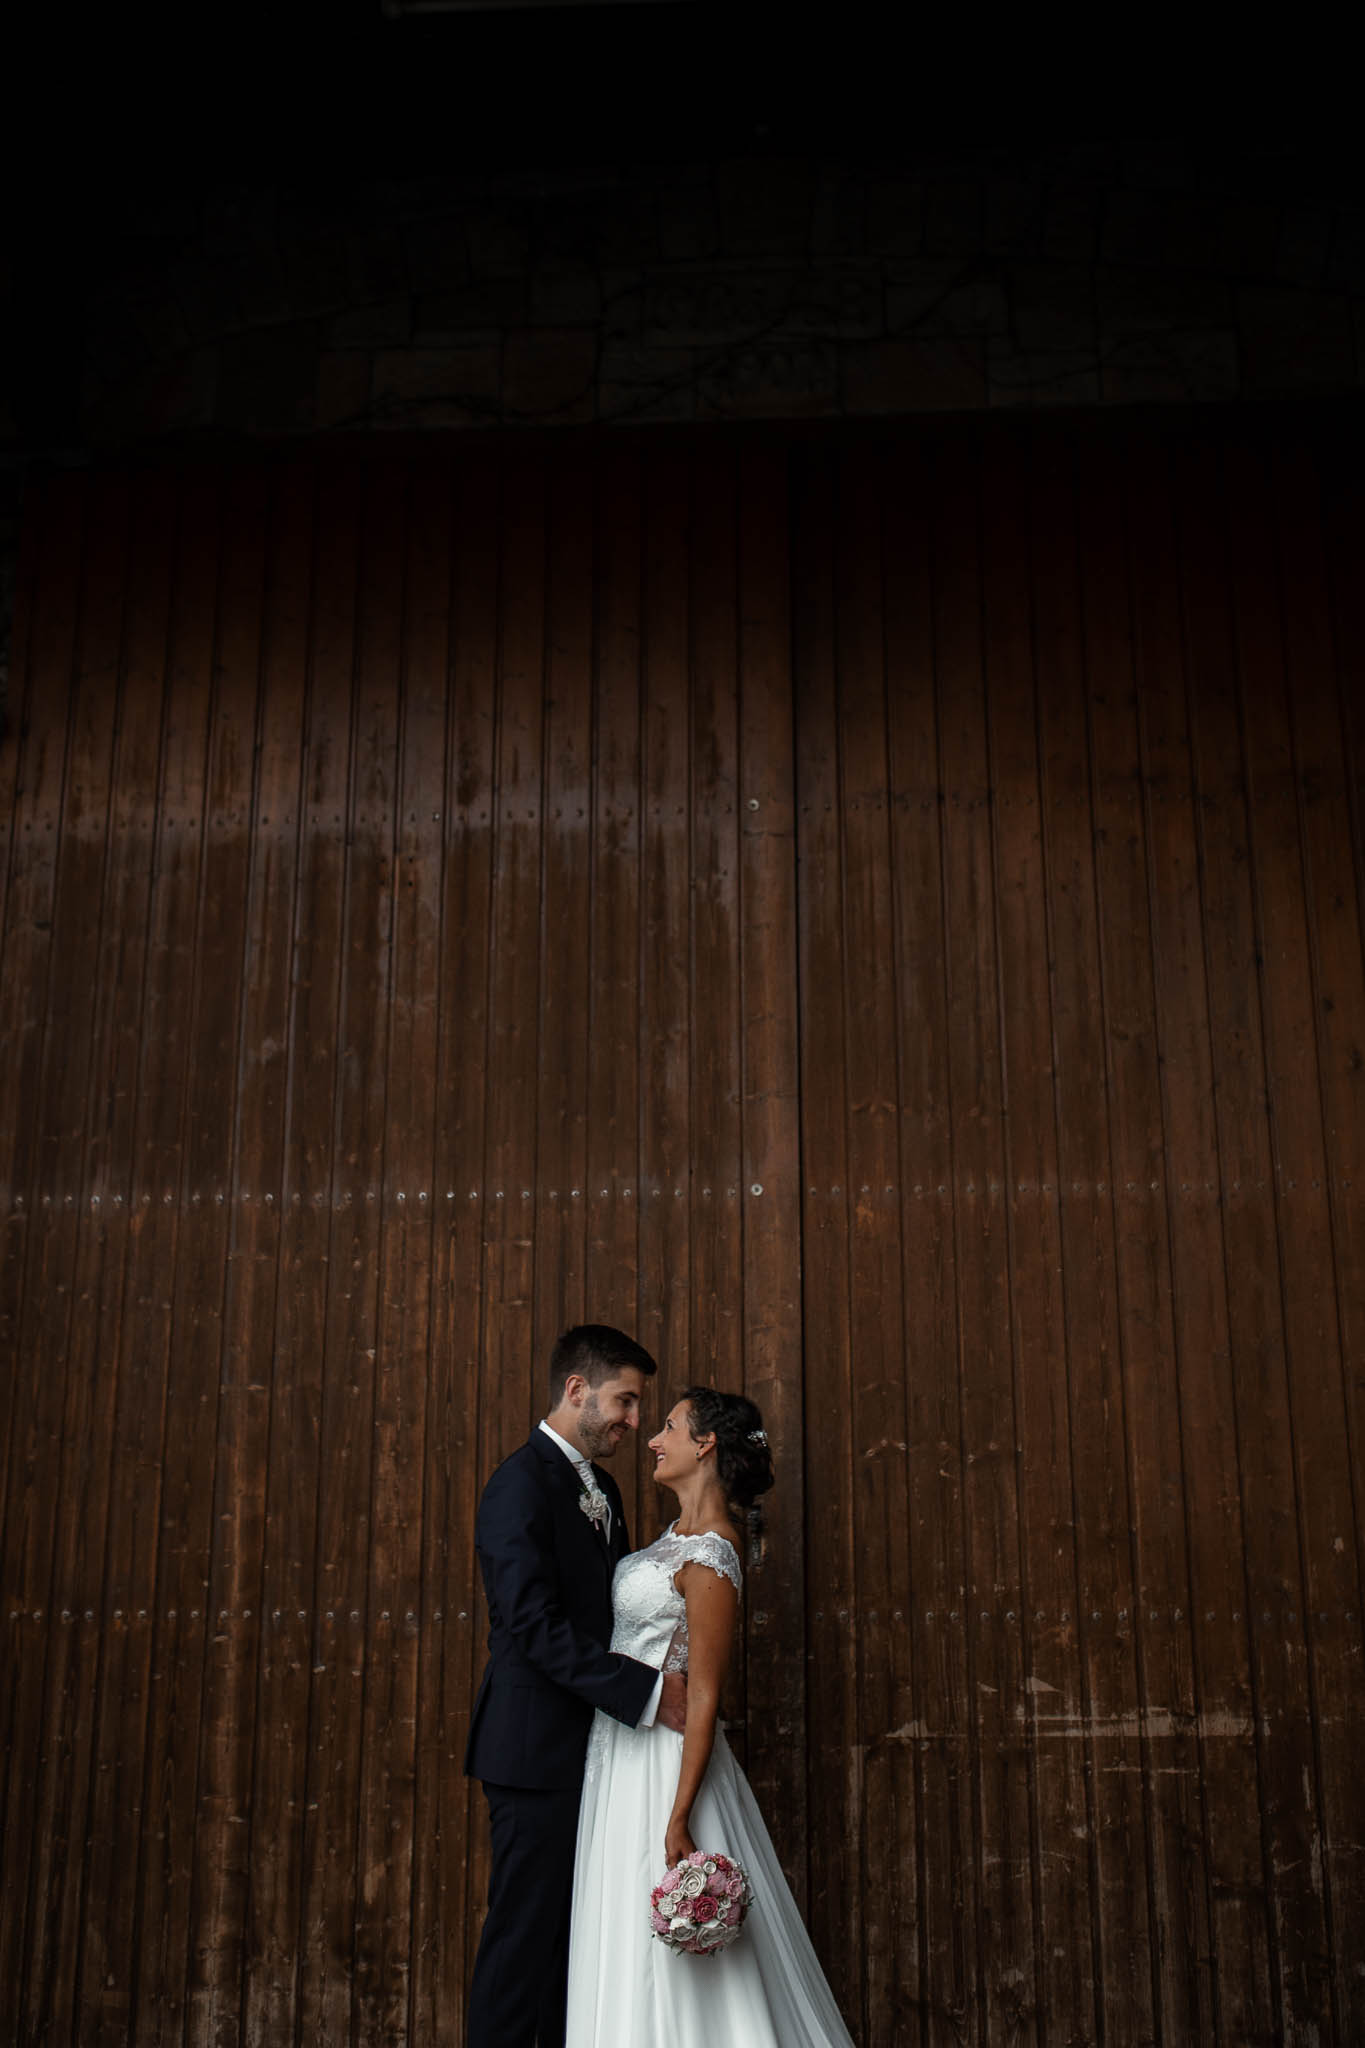 Hochzeitsfotograf Monzernheim: freie Trauung von Sarah & Patrick 44